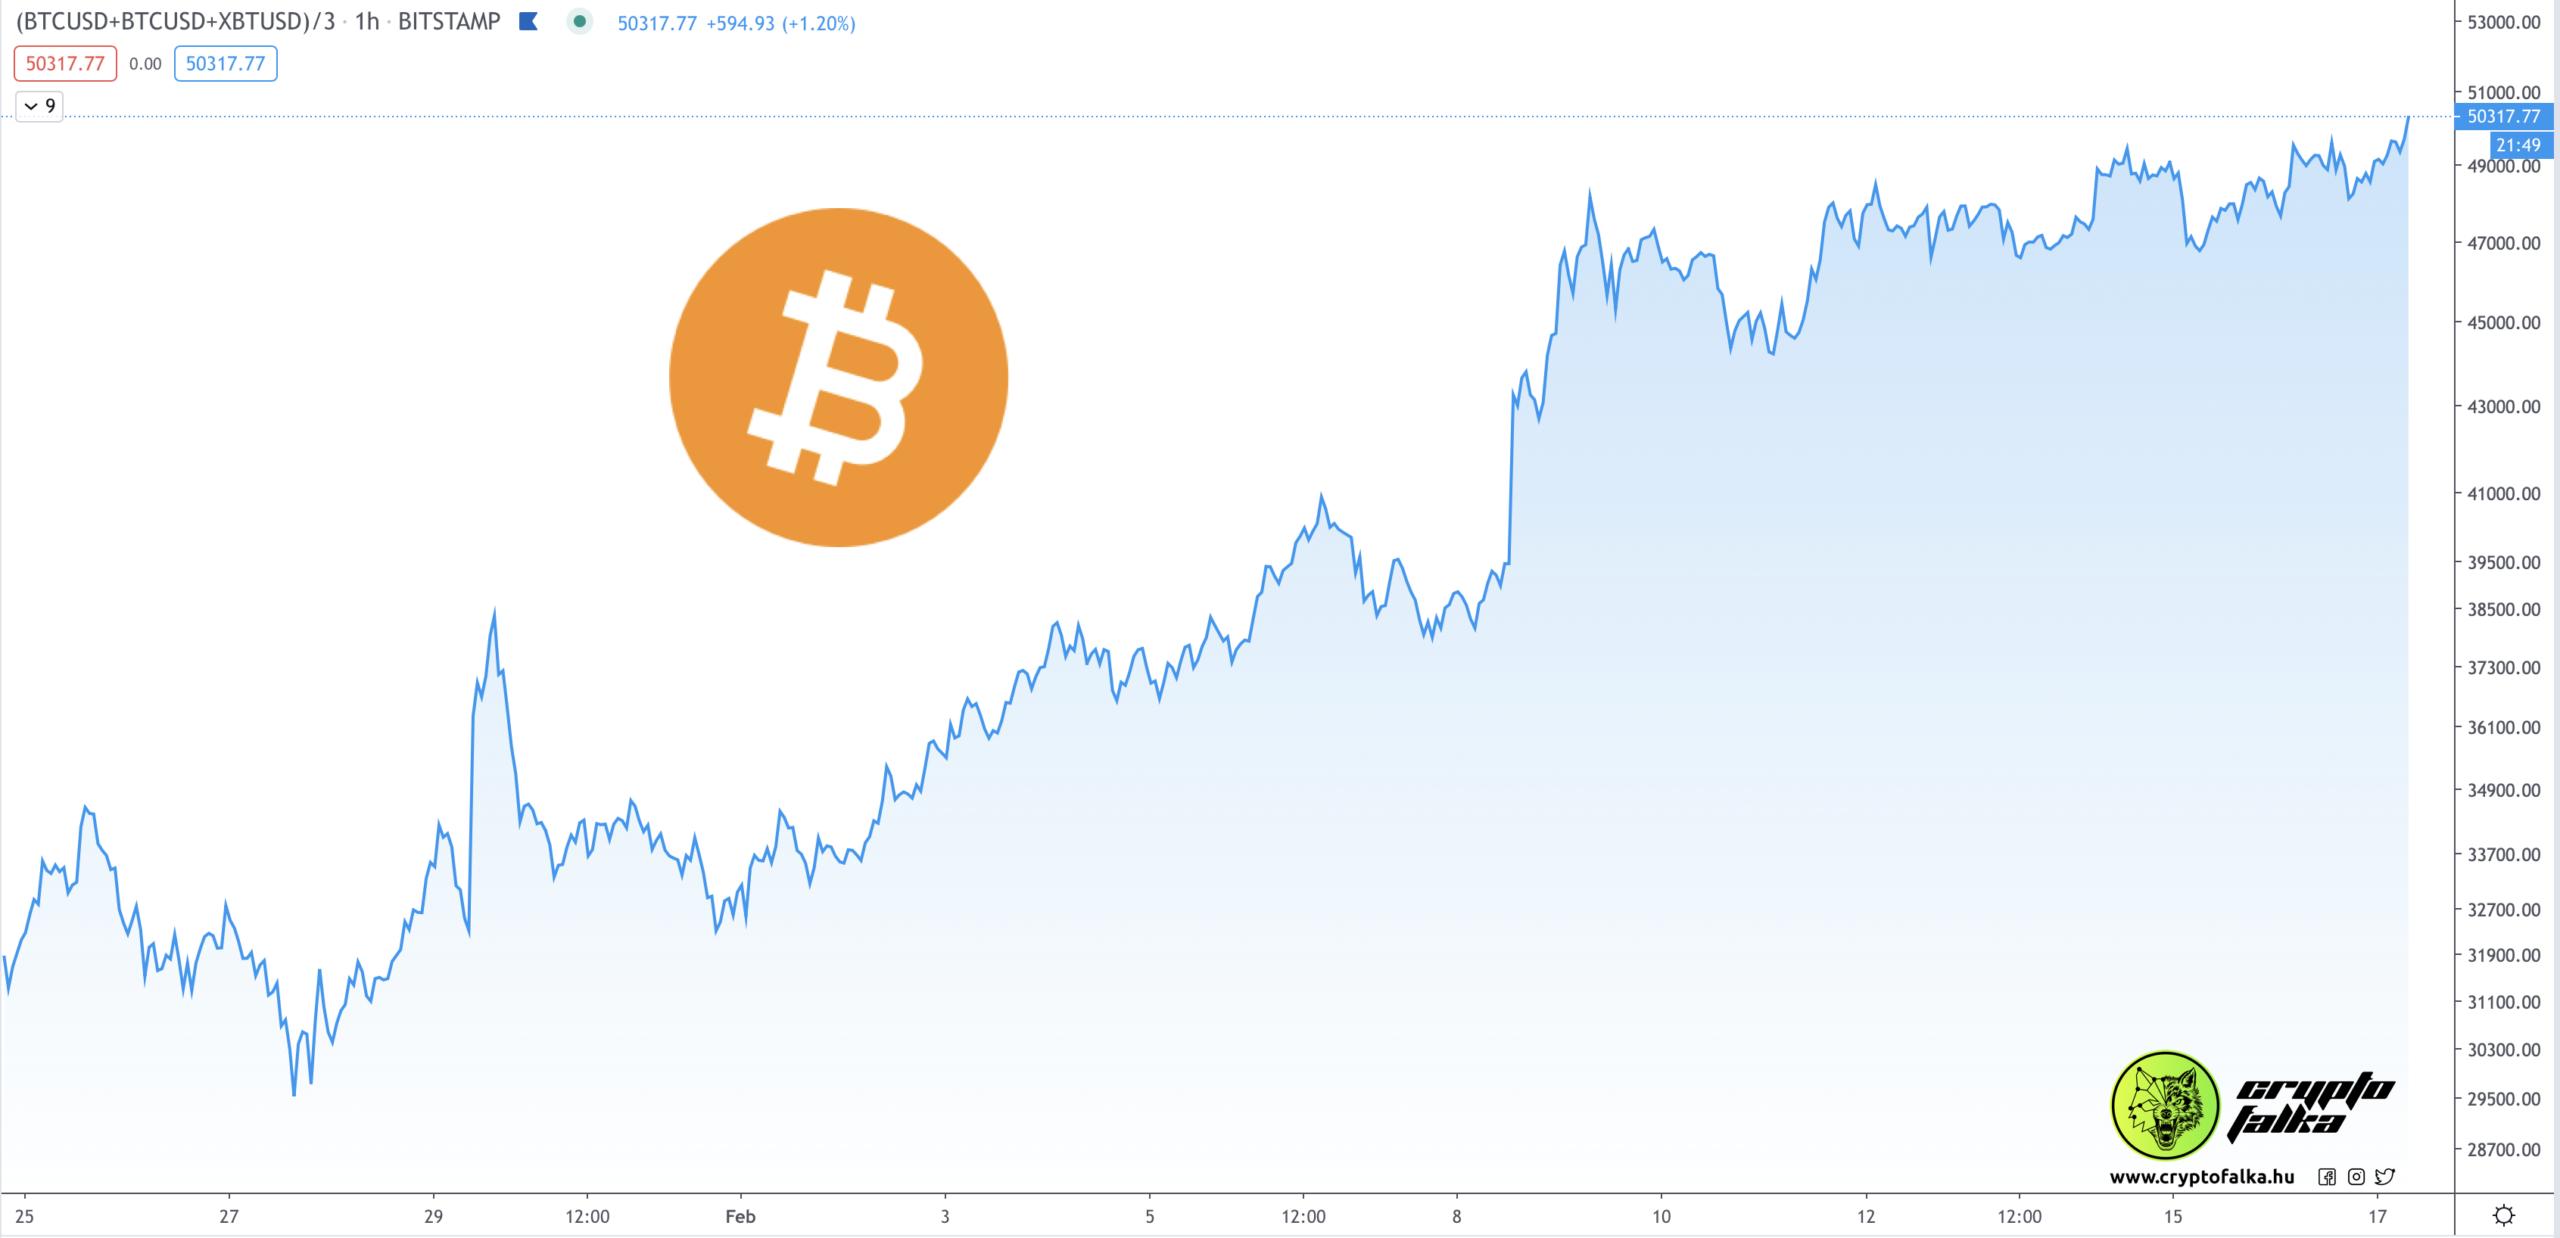 Bitcoin ára 50000$ felett I Cryptofalka